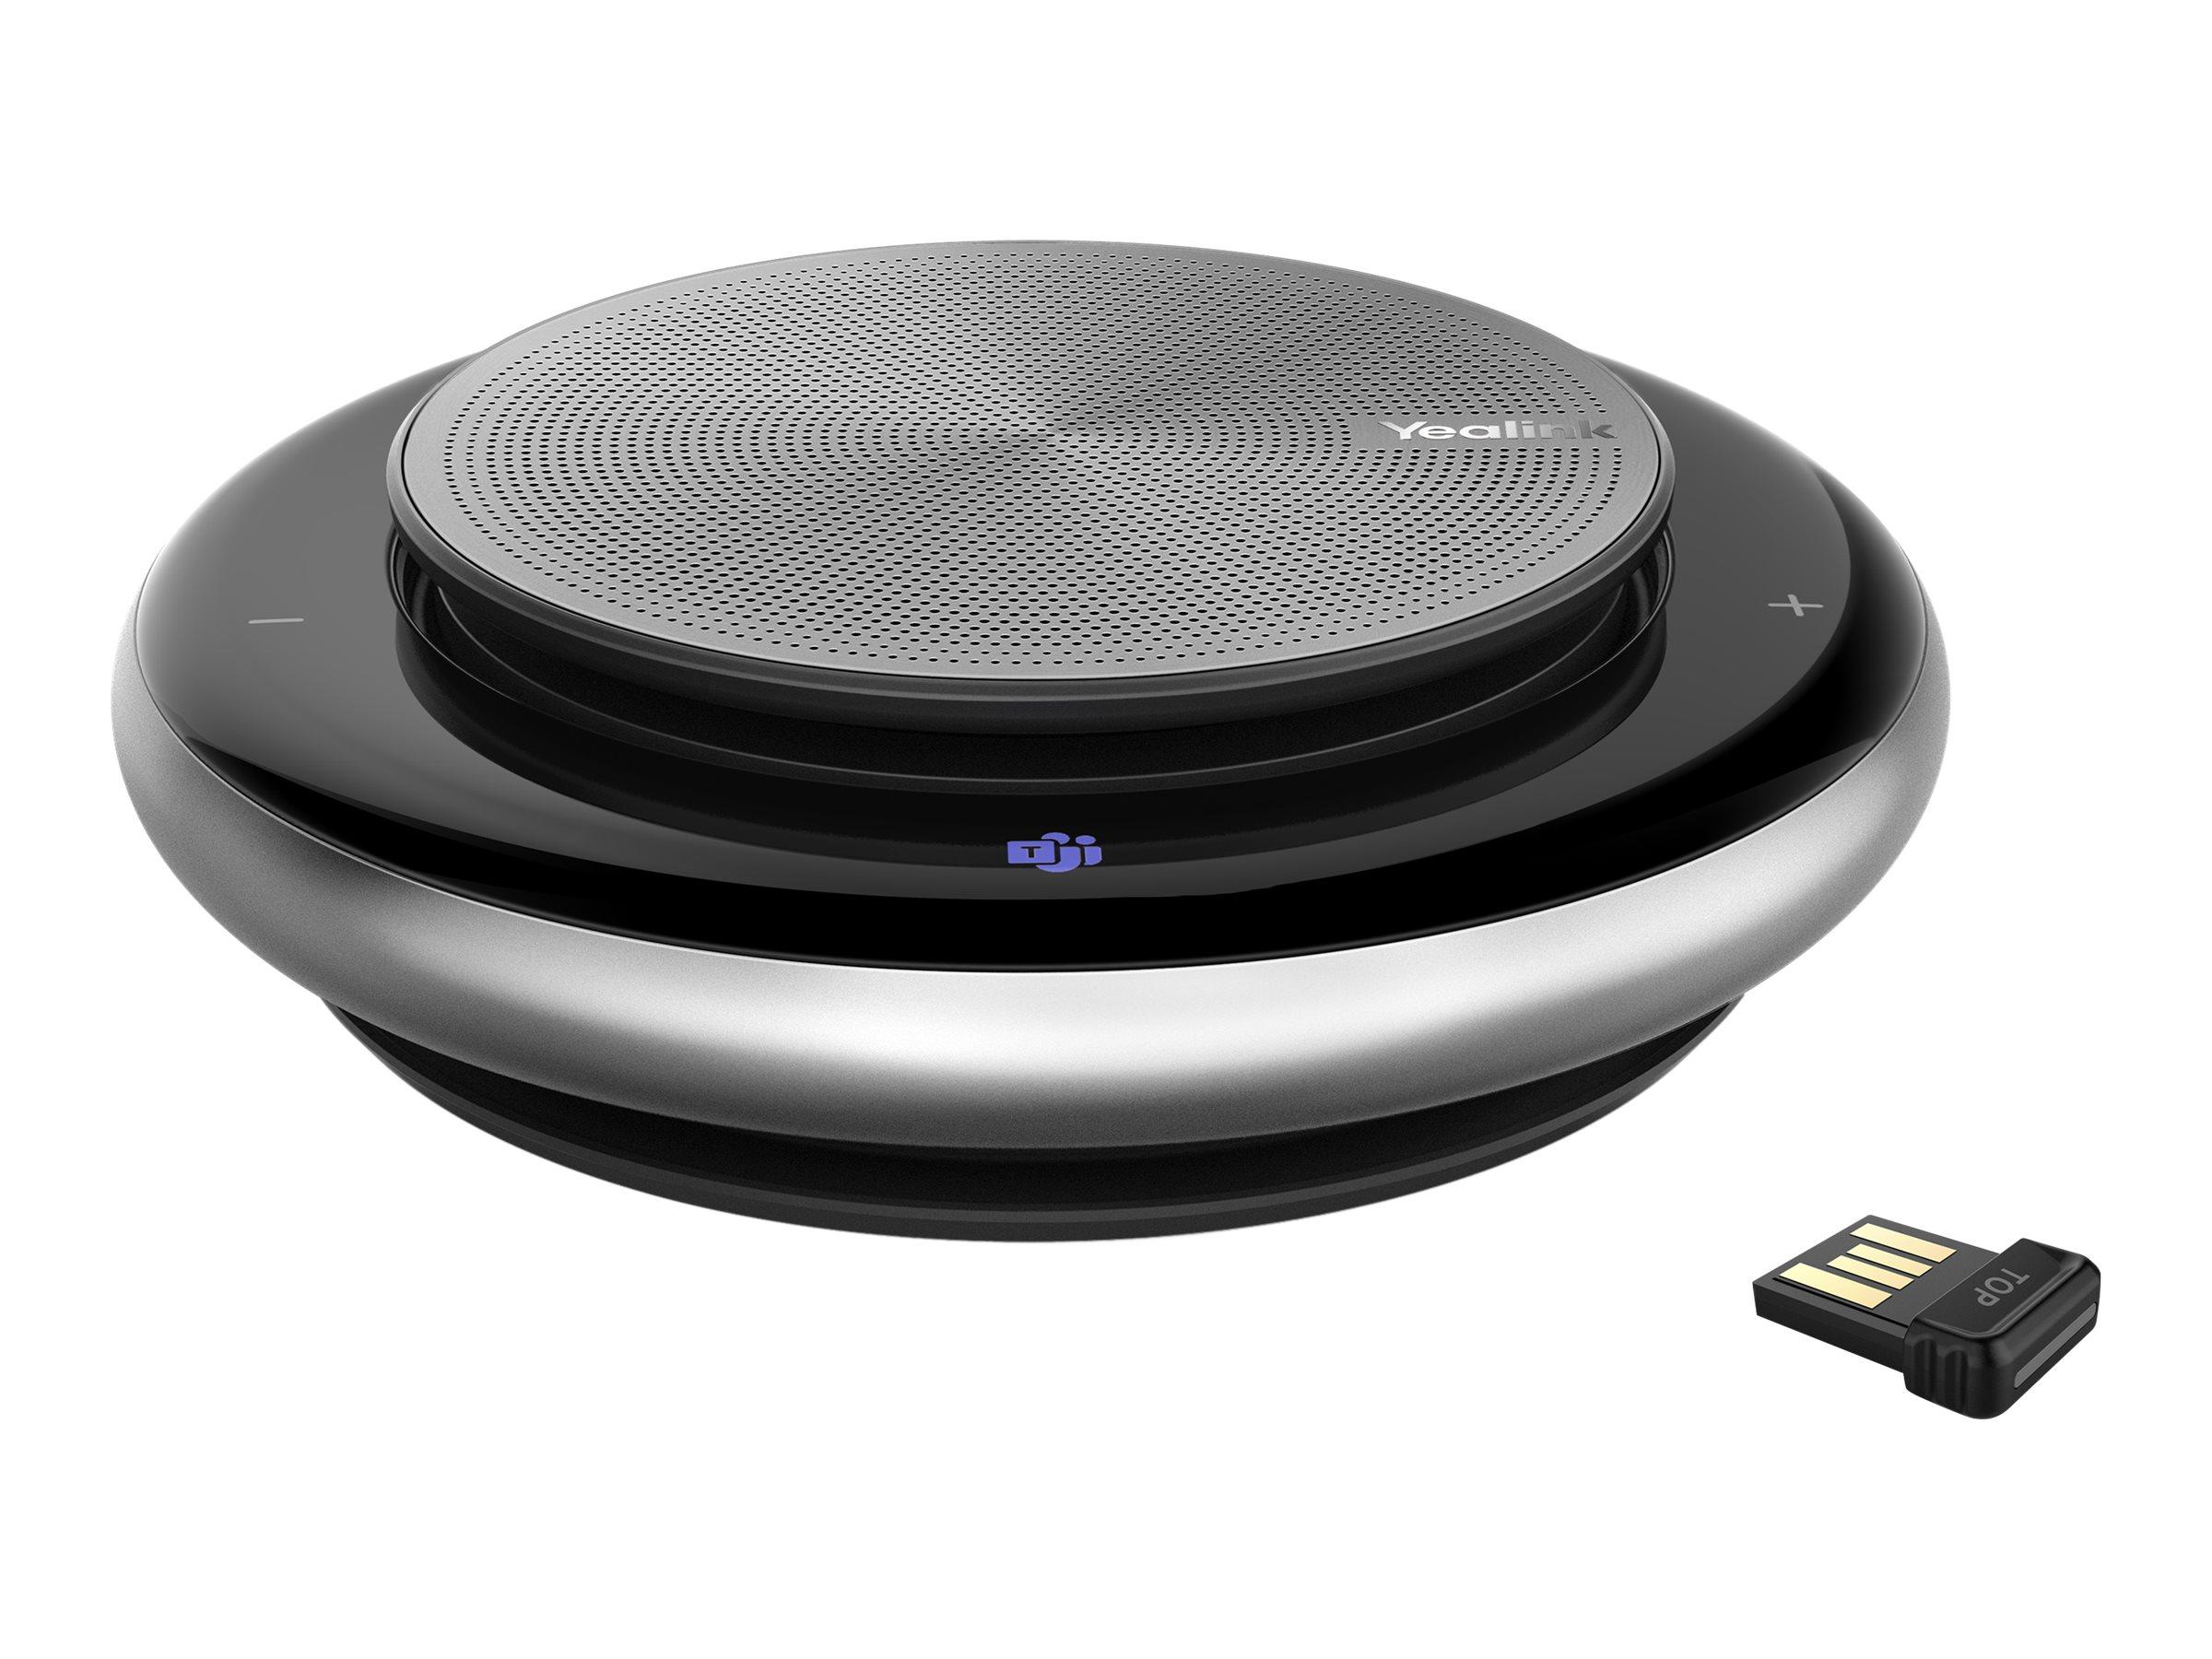 Yealink CP900 - Teams Edition mit BT50 - Freisprechtelefon - Bluetooth - kabellos, kabelgebunden - USB